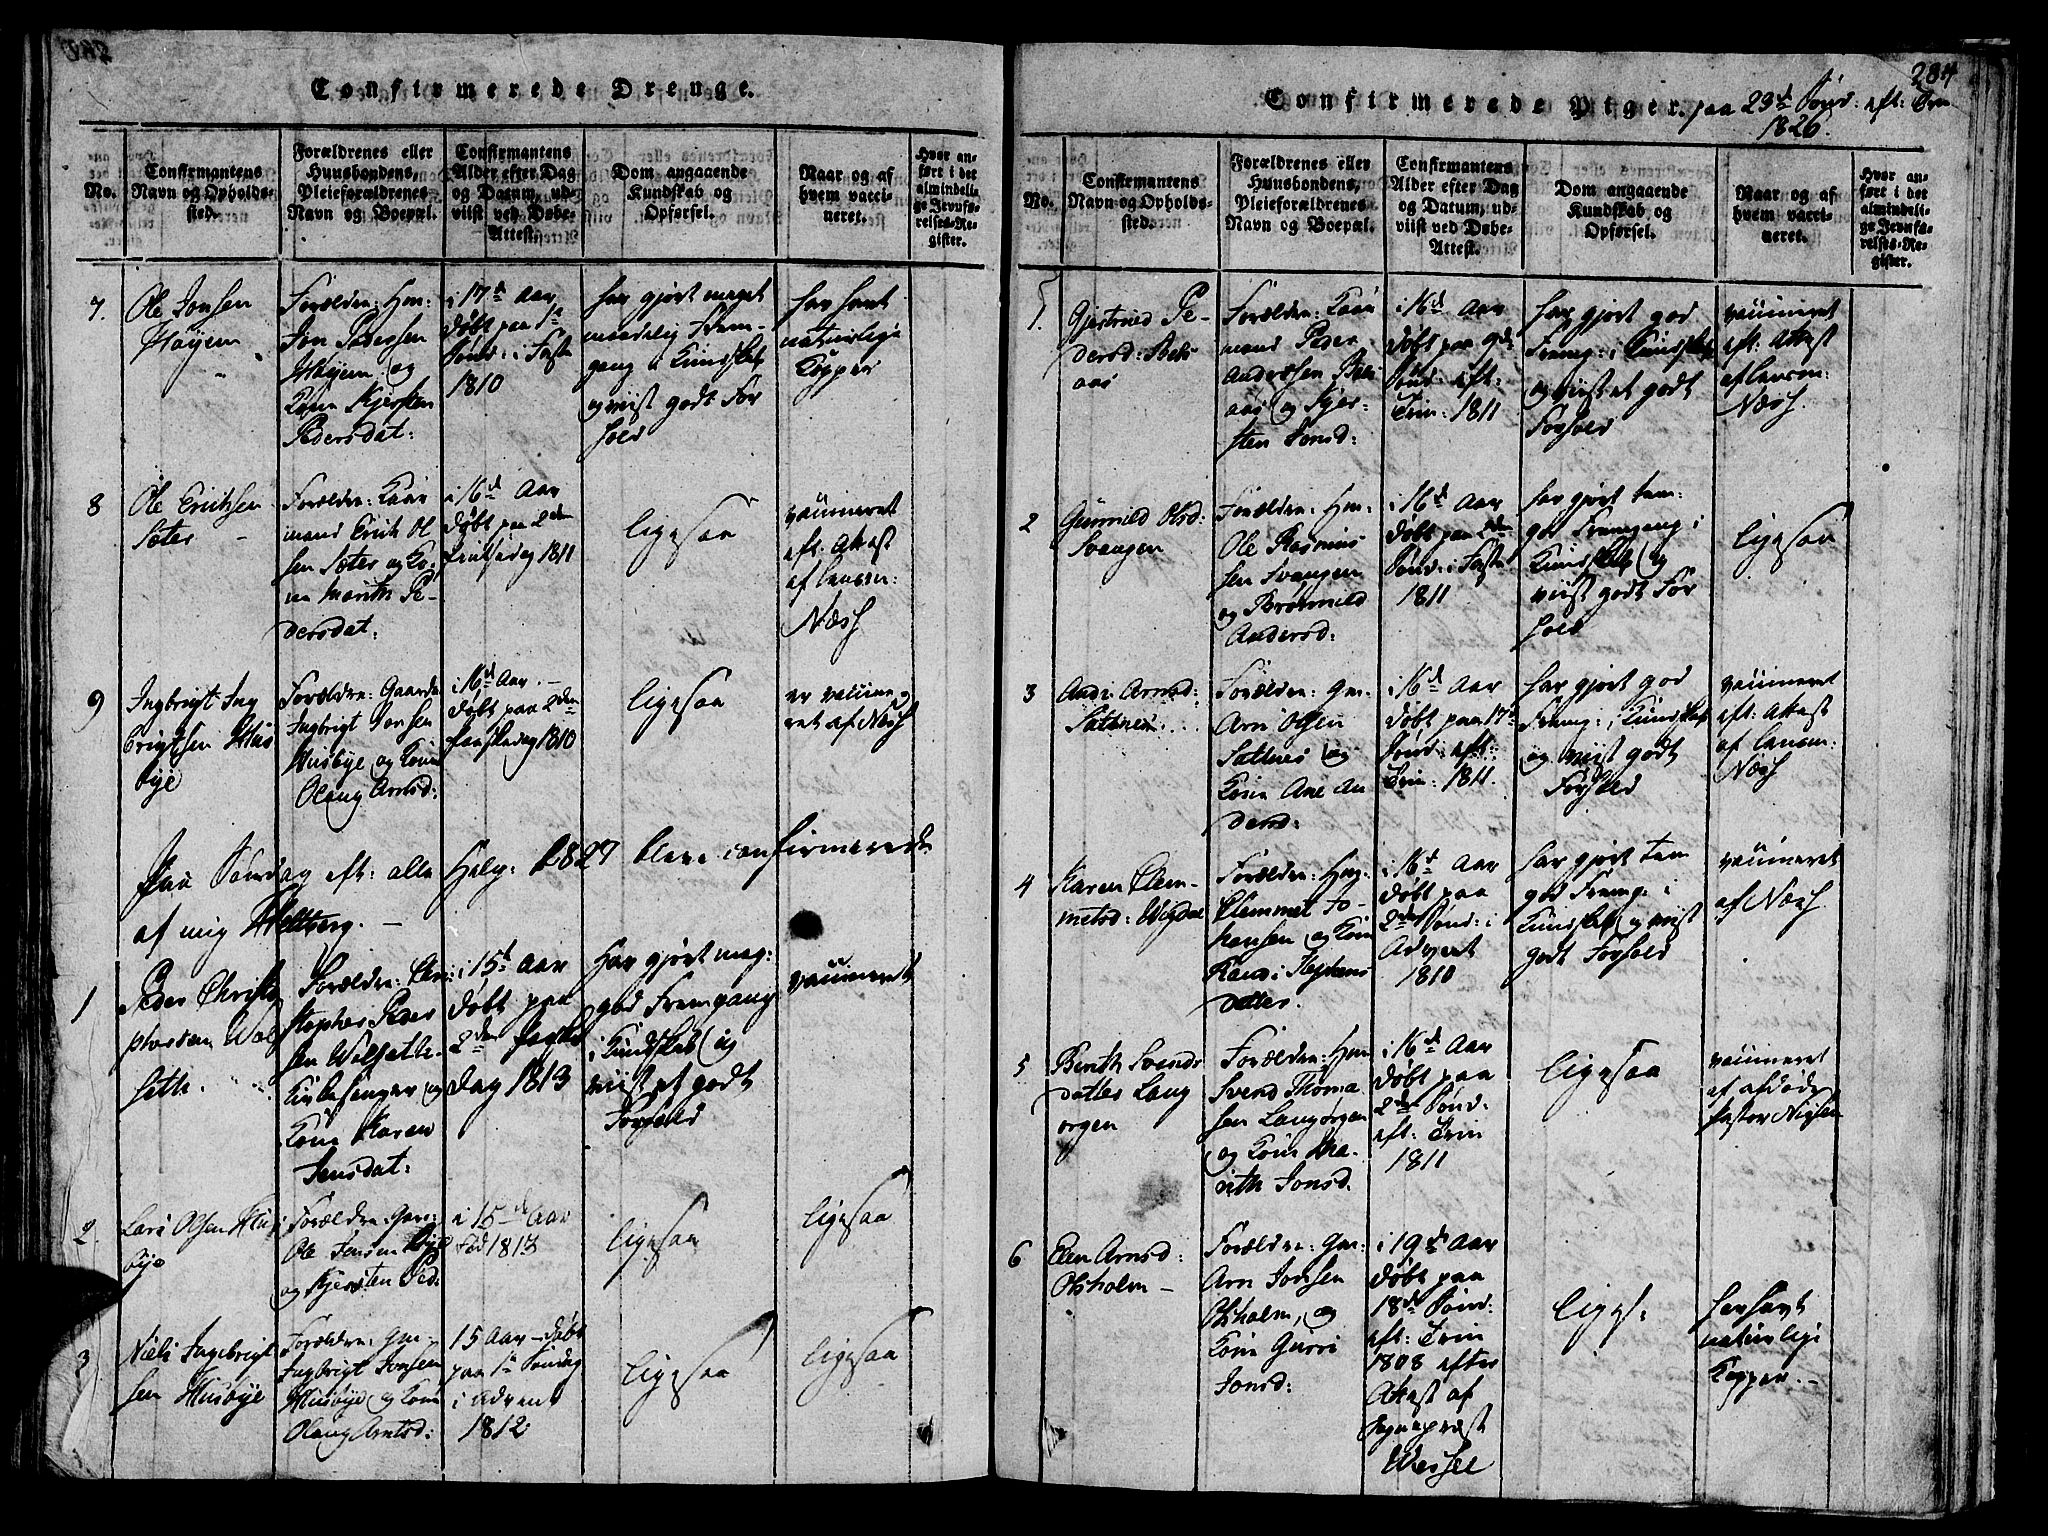 SAT, Ministerialprotokoller, klokkerbøker og fødselsregistre - Sør-Trøndelag, 612/L0373: Ministerialbok nr. 612A06 /2, 1816-1828, s. 283